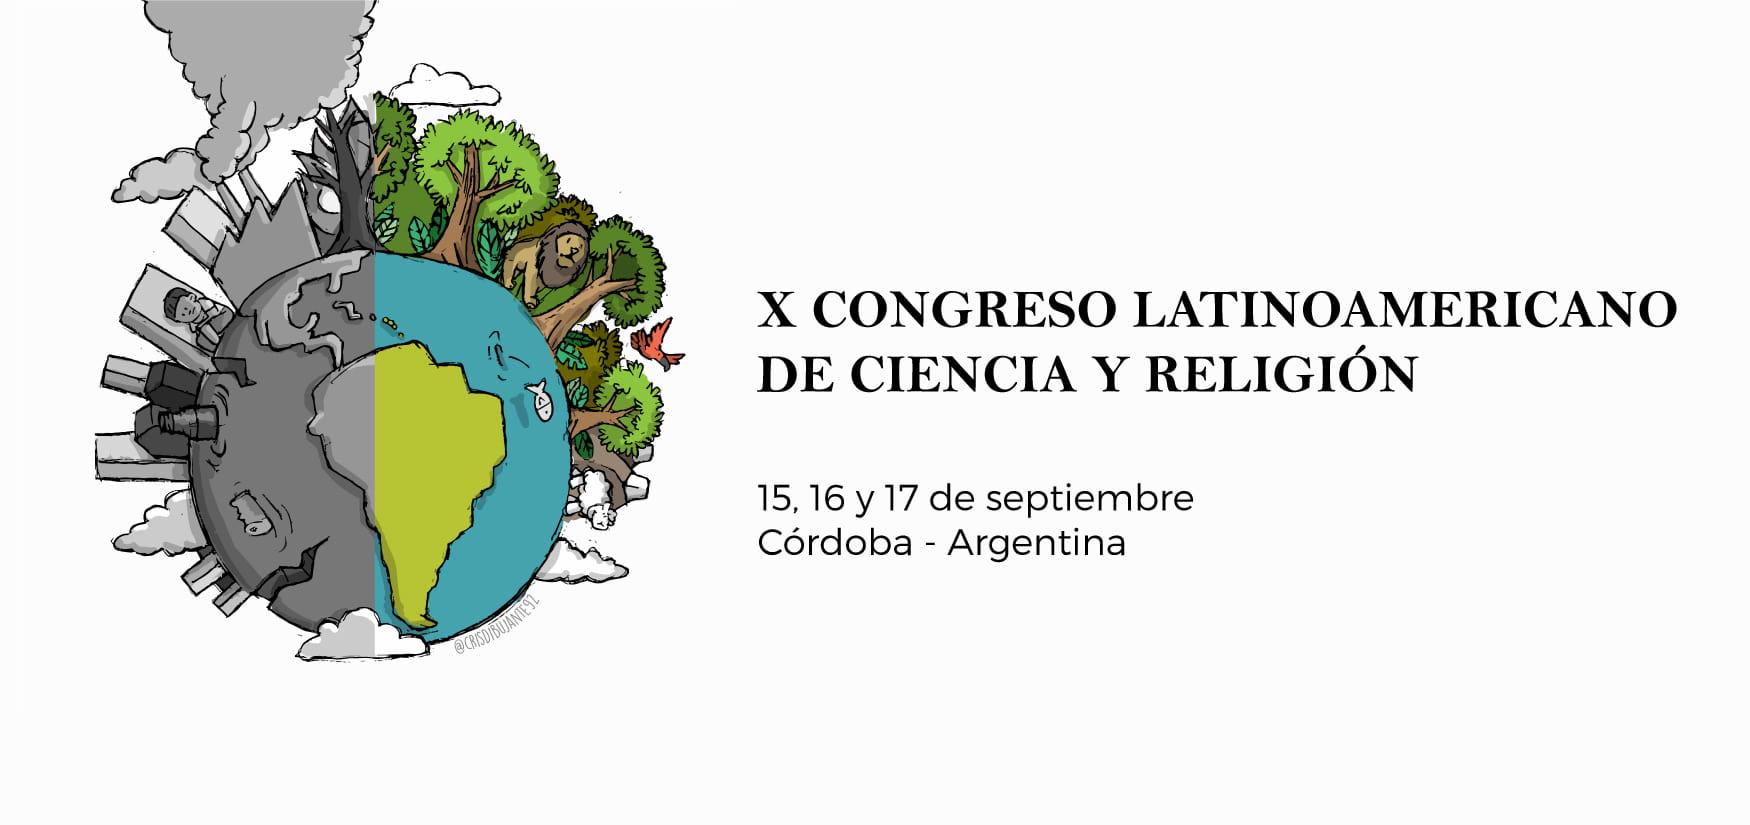 bann_x_congreso_ciencia_y_religion_2021_05_25